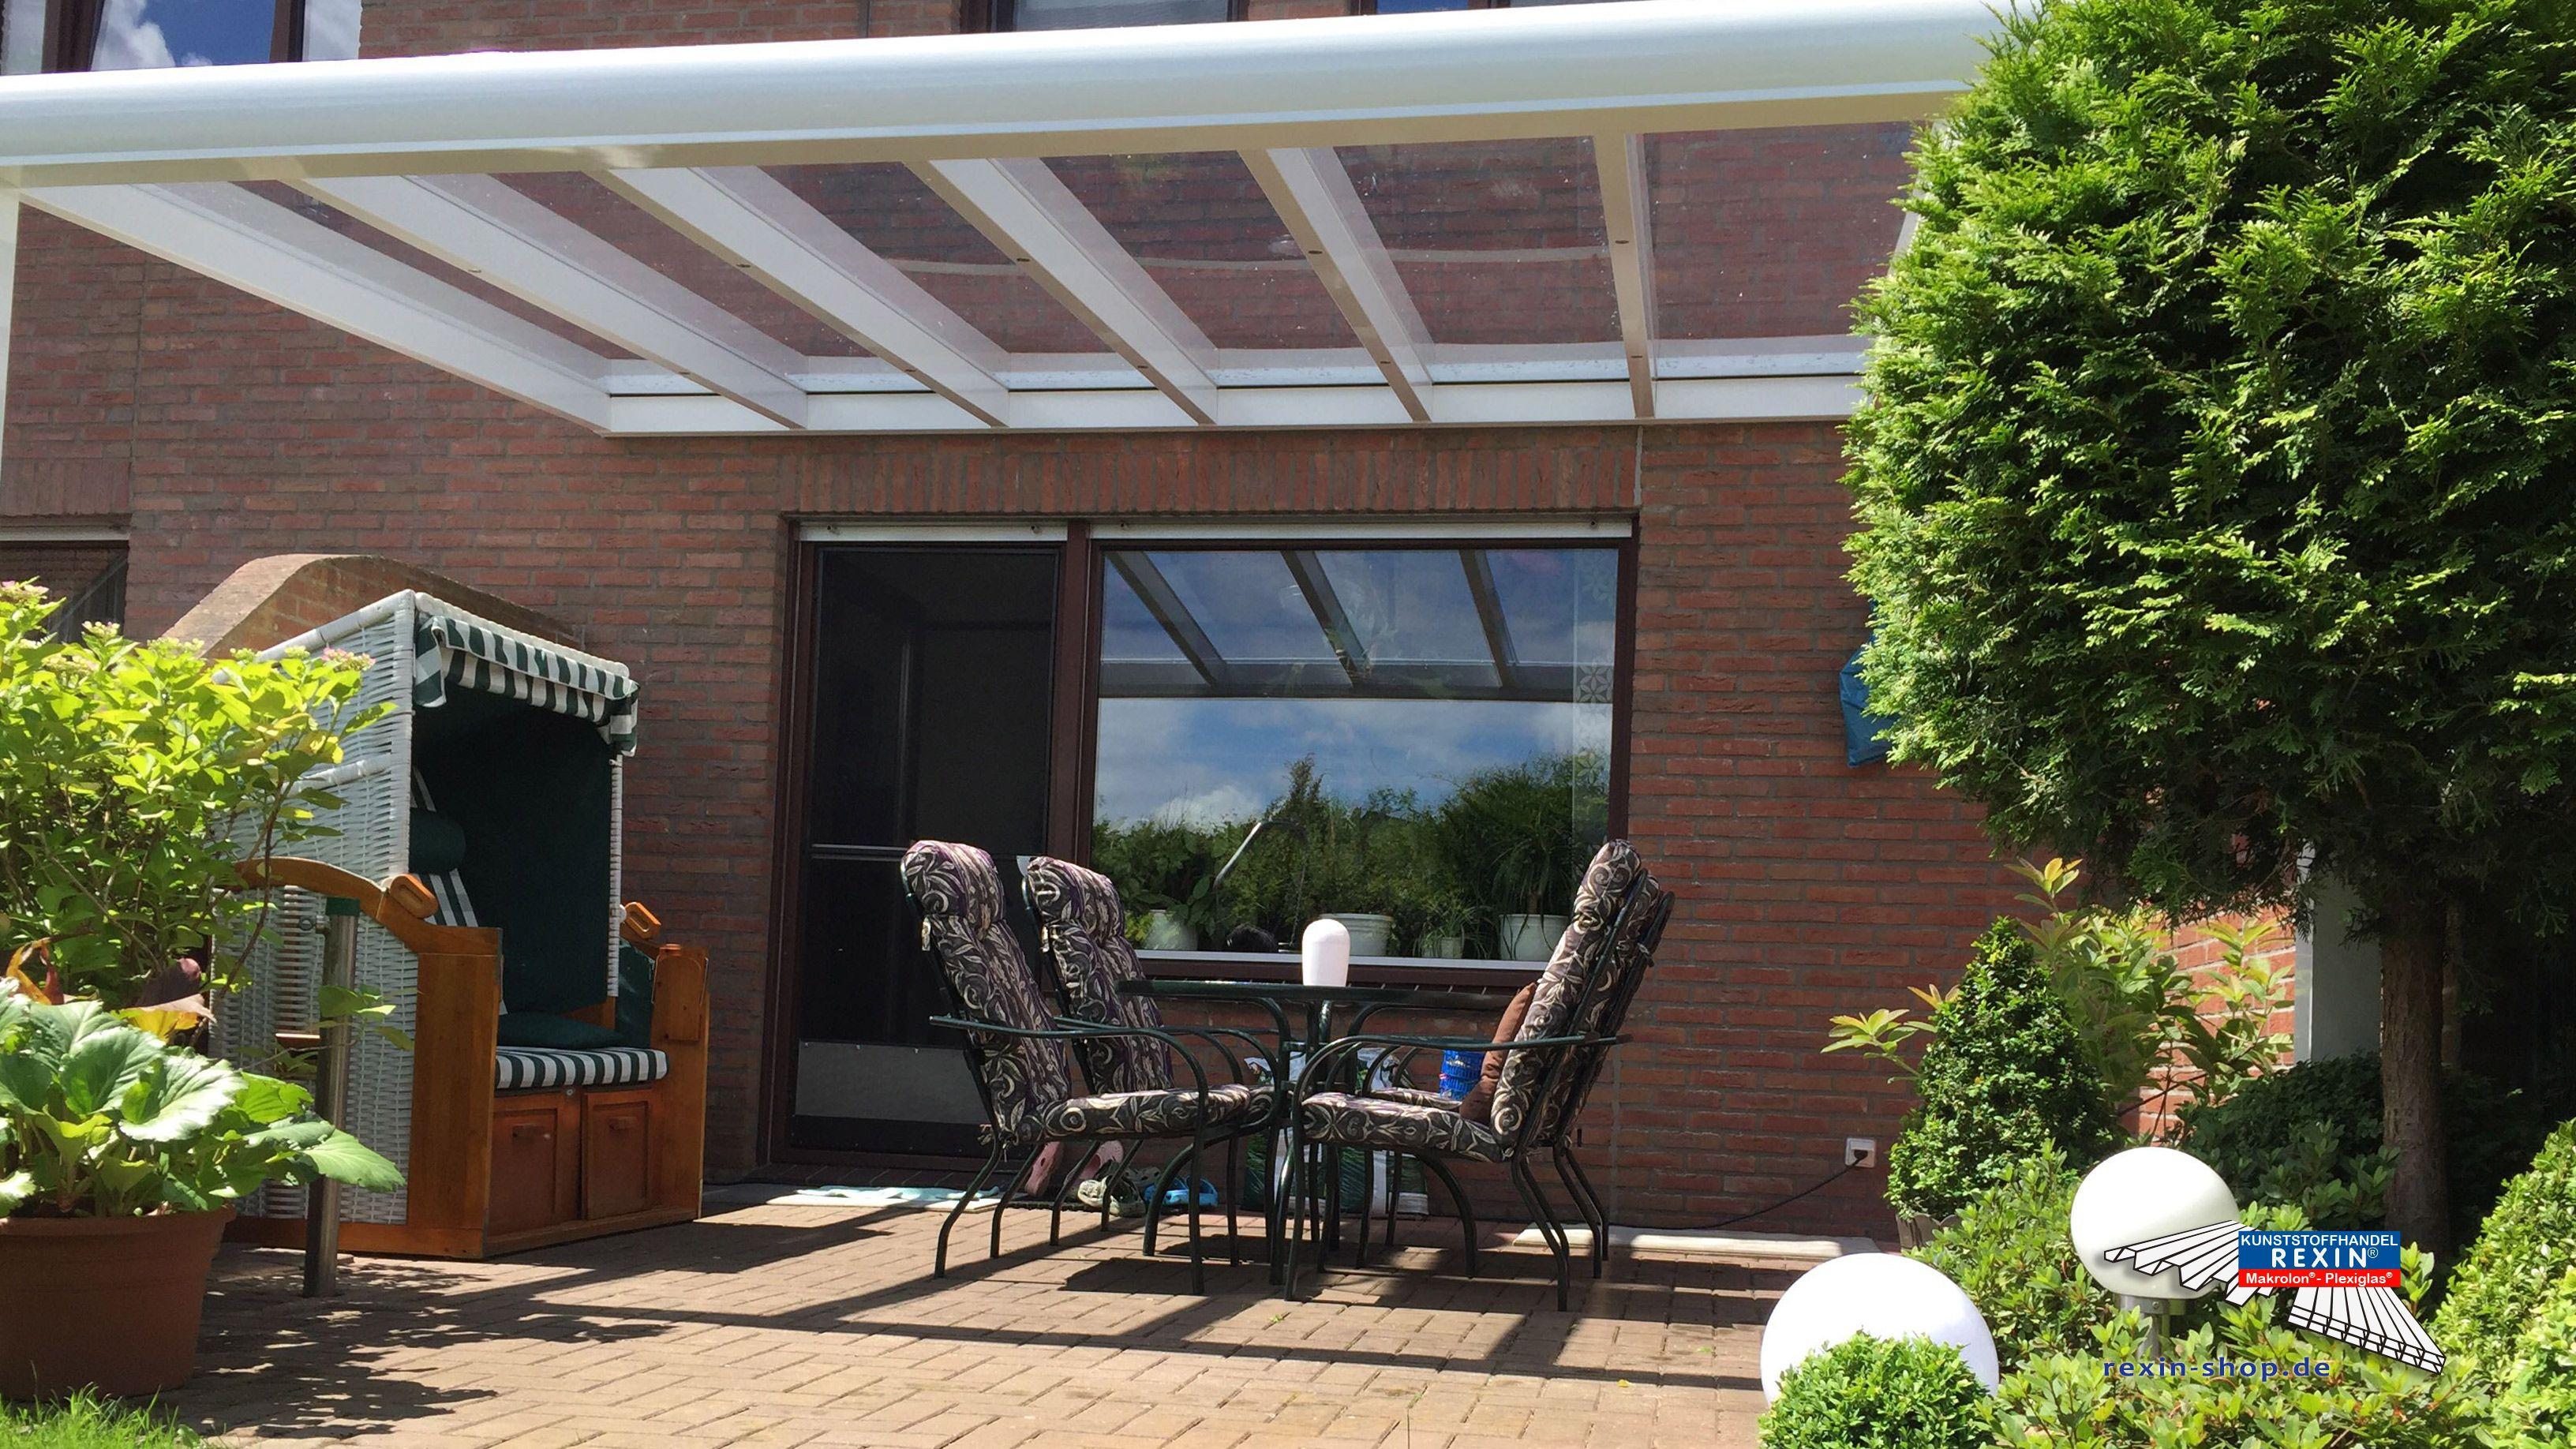 Elegant Ein Alu Terrassendach der Marke REXOpremium Titan mit massiven Makrolonplatten m x m in wei